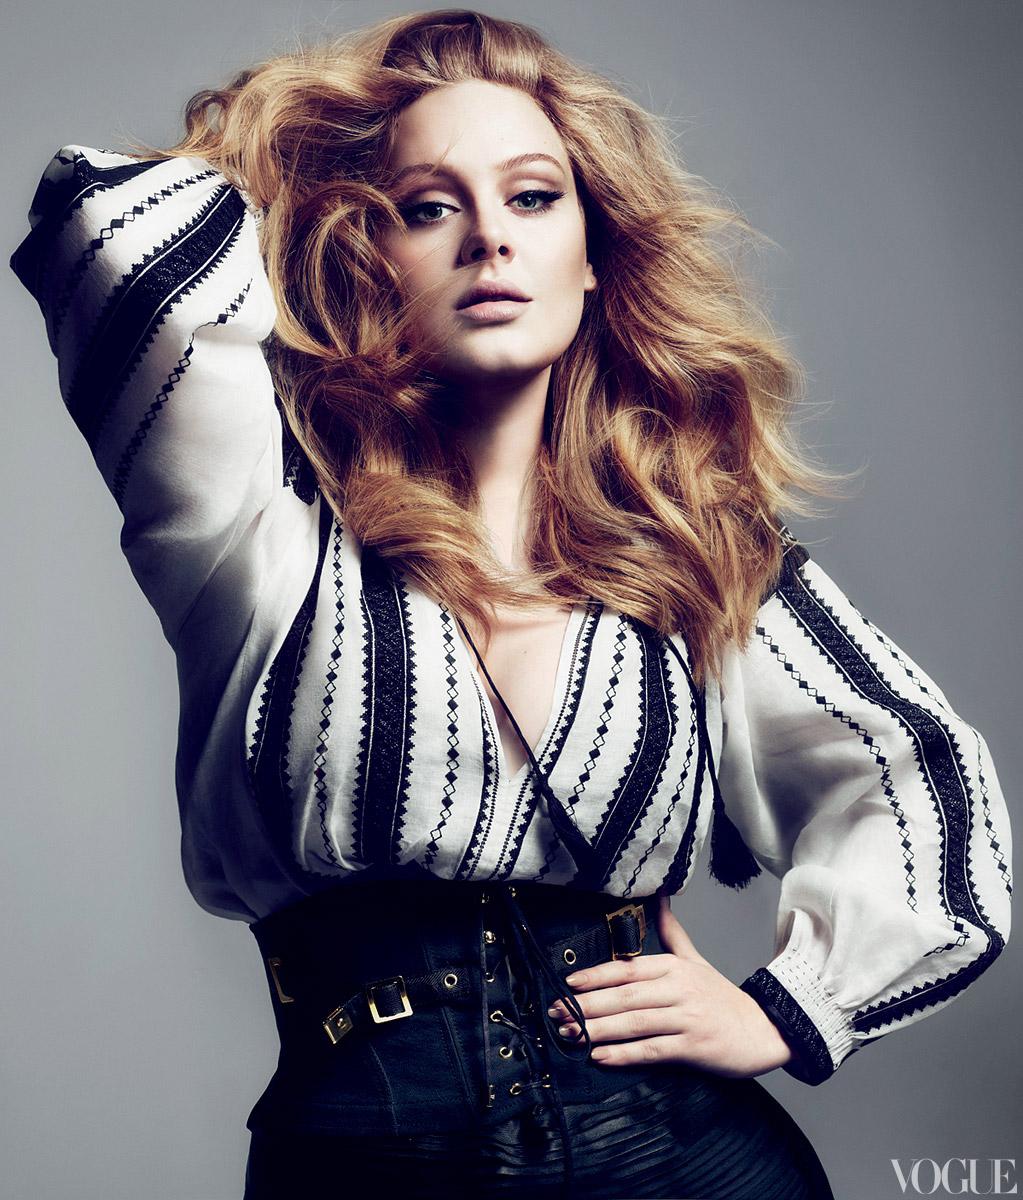 Adele-a-lavoro-per-il-nuovo-album?-Arriva-smentita-ufficiale